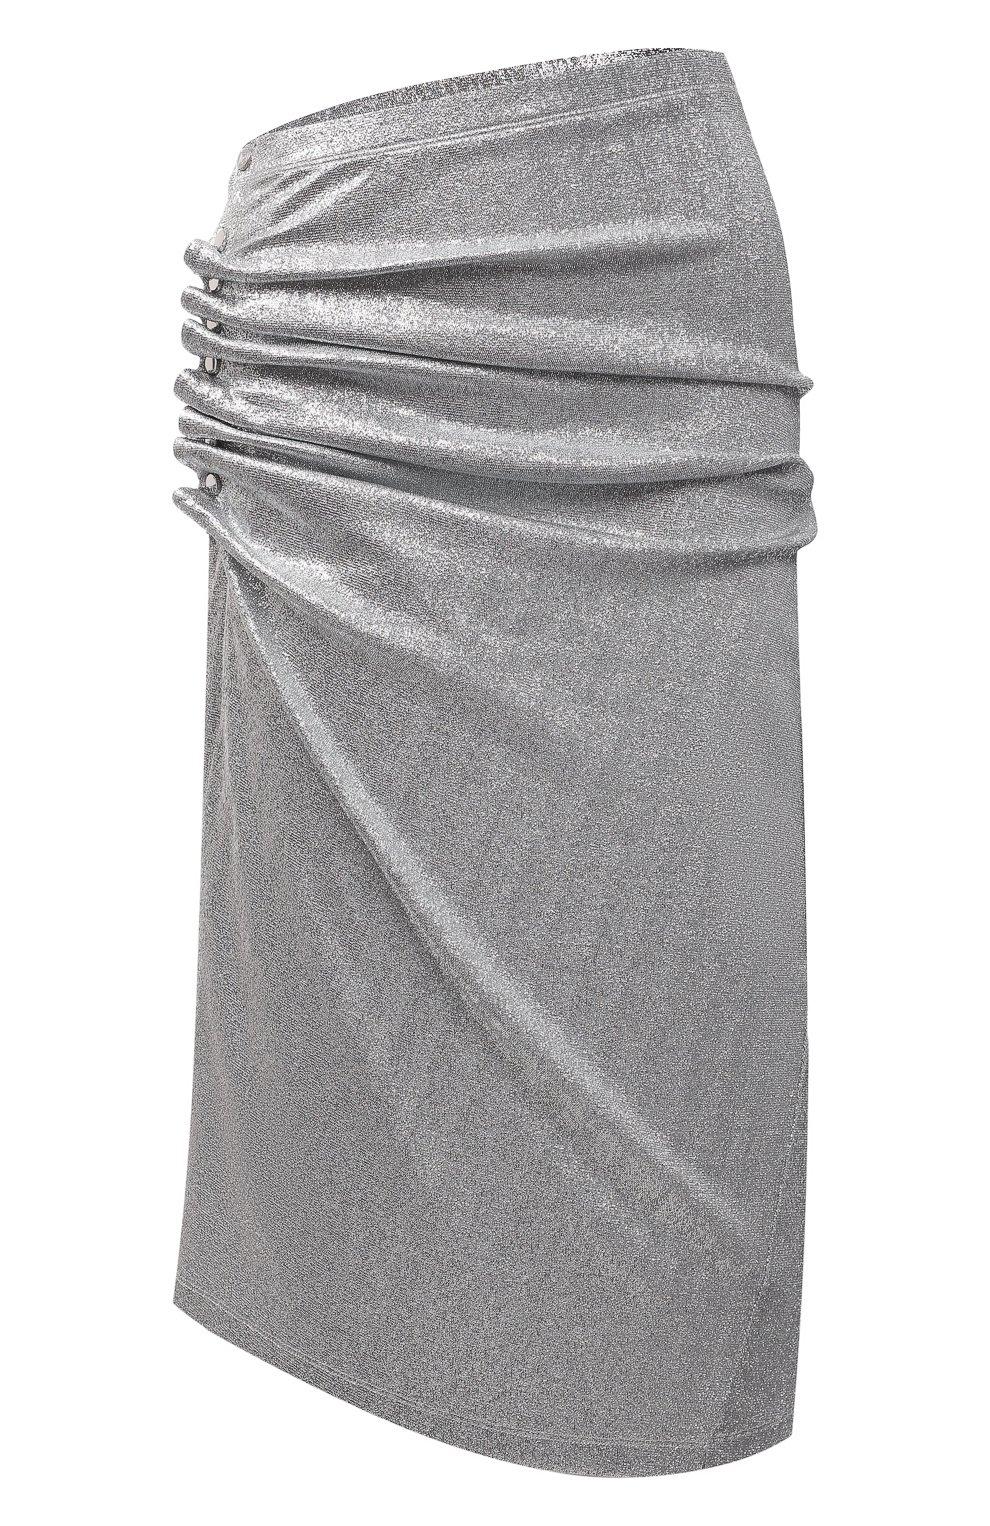 Женская юбка из вискозы PACO RABANNE серебряного цвета, арт. 20PJJU007VI0222 | Фото 1